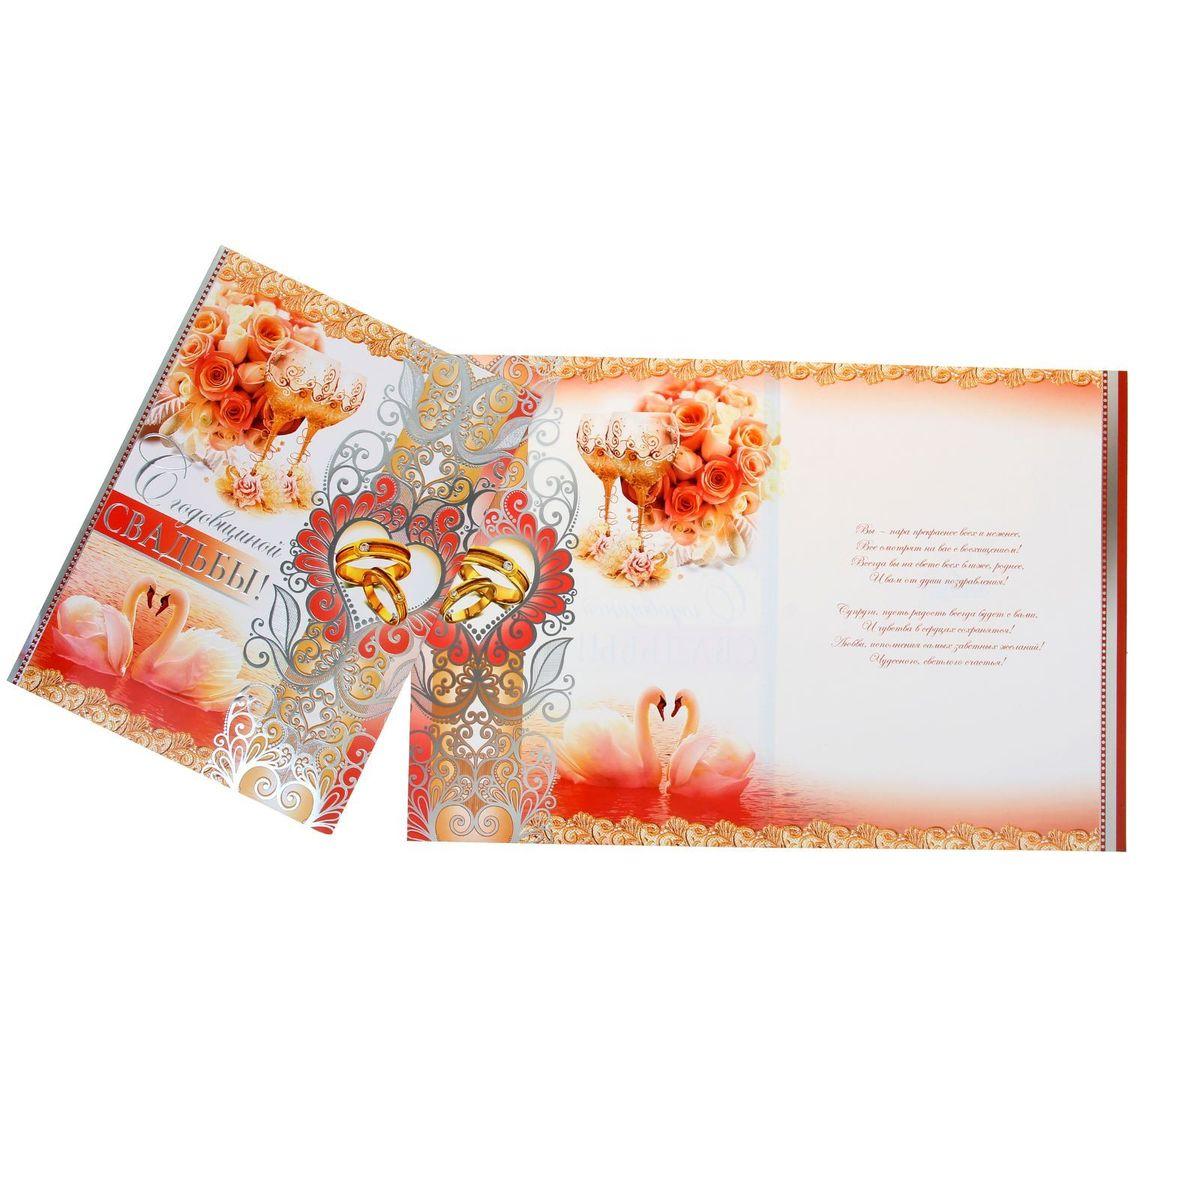 Открытка Атмосфера праздника С днем свадьбы!1156098Если вы хотите порадовать себя или близких, создать праздничное настроение и с улыбкой провести памятный день, то вы, несомненно, сделали правильный выбор! Открытка Атмосфера праздника С днем свадьбы!, выполненная из плотной бумаги, отличается не только оригинальным дизайном, но и высоким качеством. Лицевая сторона изделия оформлена ярким изображением. Внутри открытка содержит текст с поздравлением. Такая открытка непременно порадует получателя и станет отличным напоминанием о проведенном вместе времени.